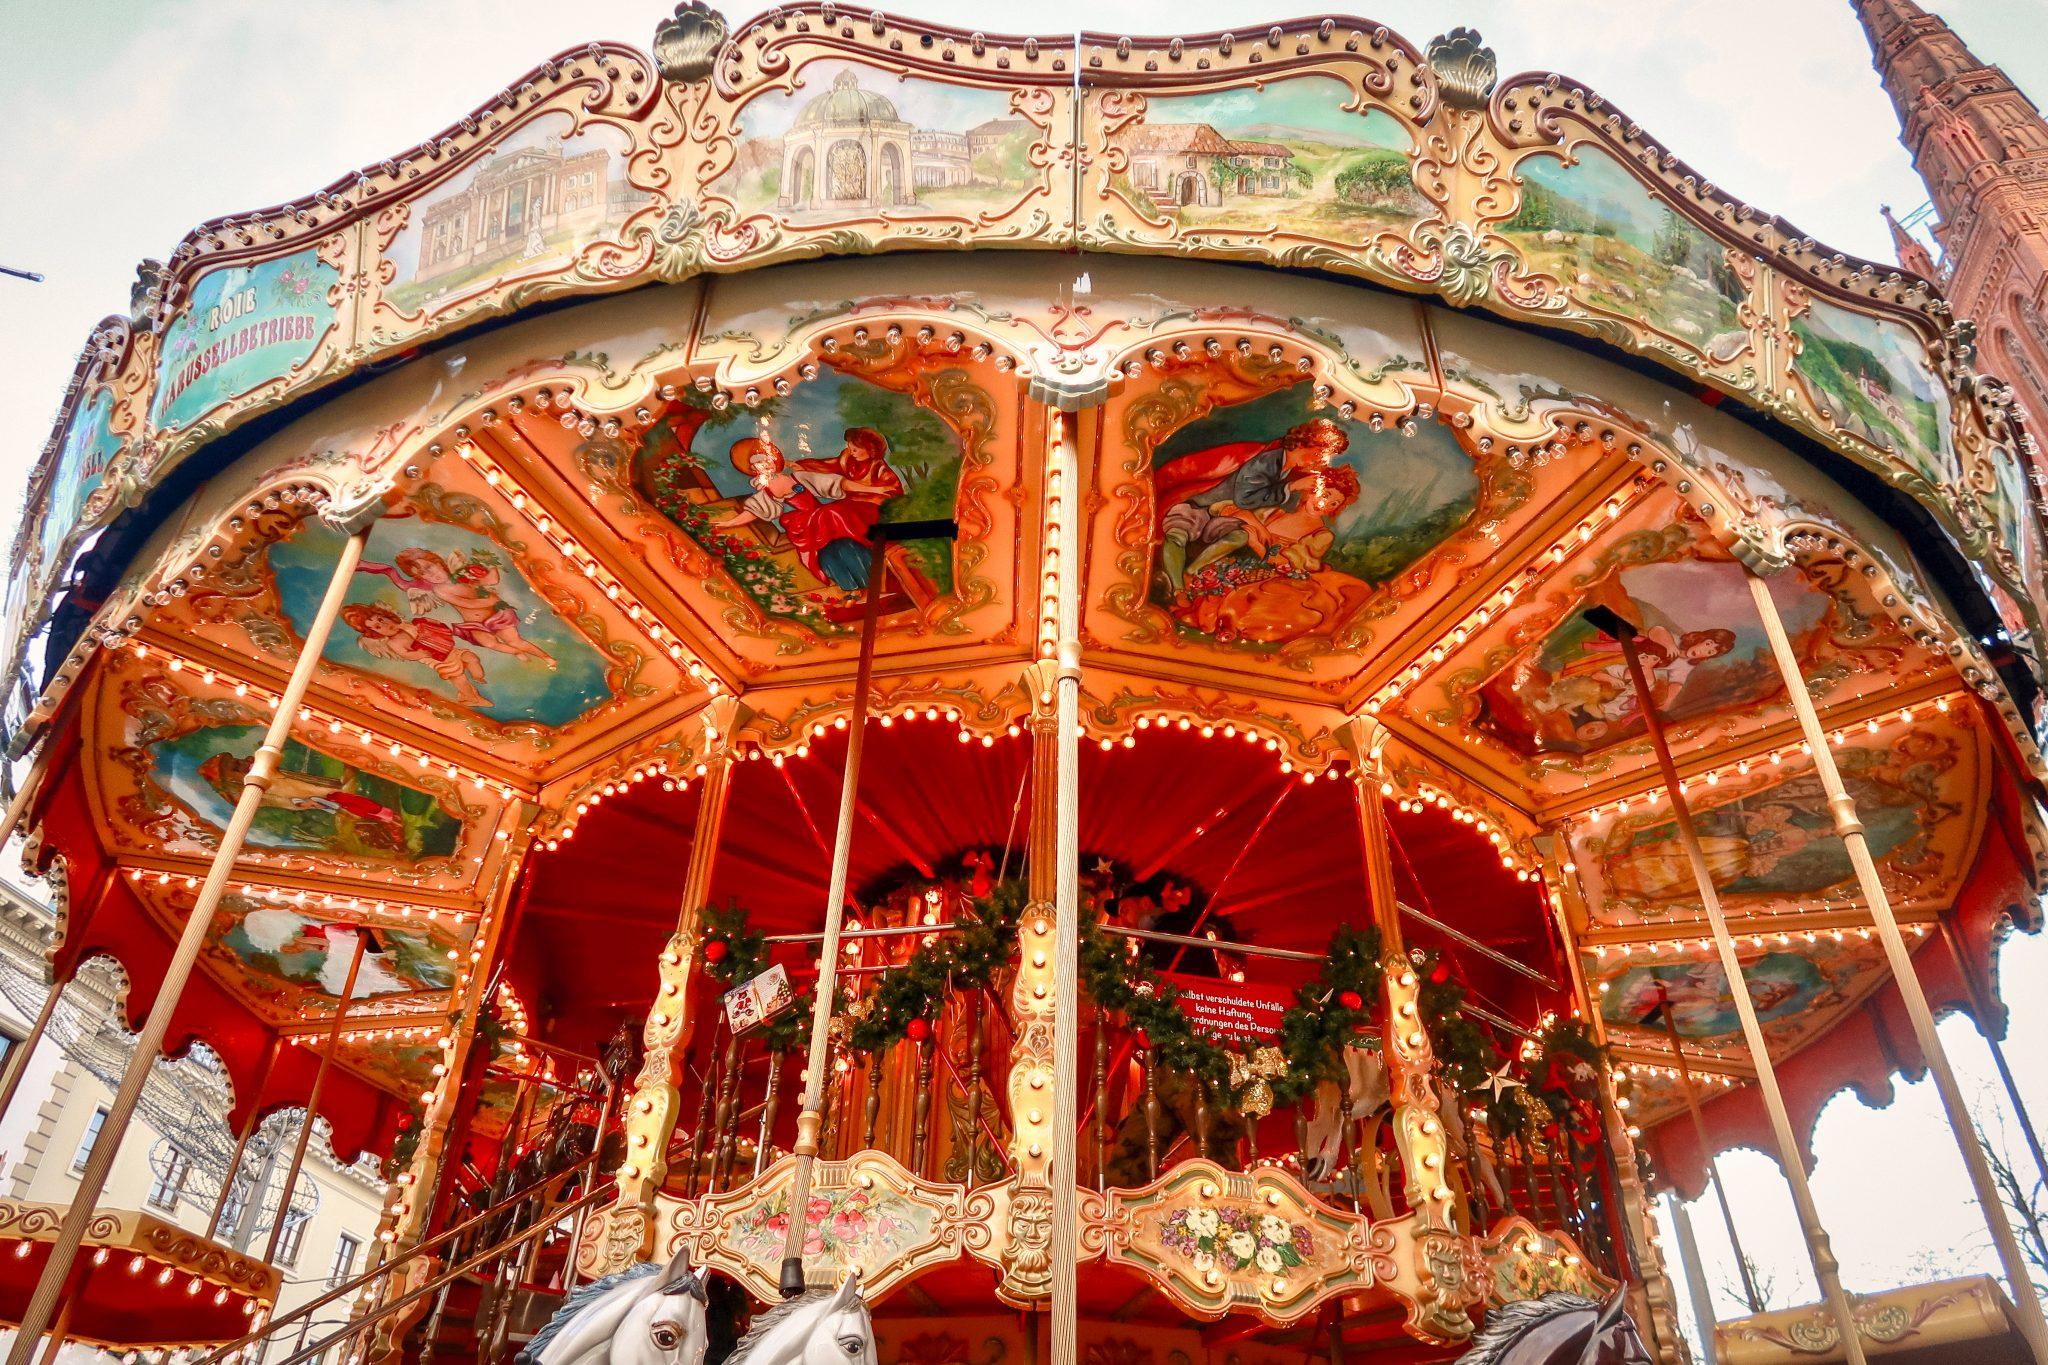 Wiesbaden, Sternschnuppenmarkt: An der Decke des historischen Pferdekarussells kannst du Motive aus Märchenbüchern erkennen.